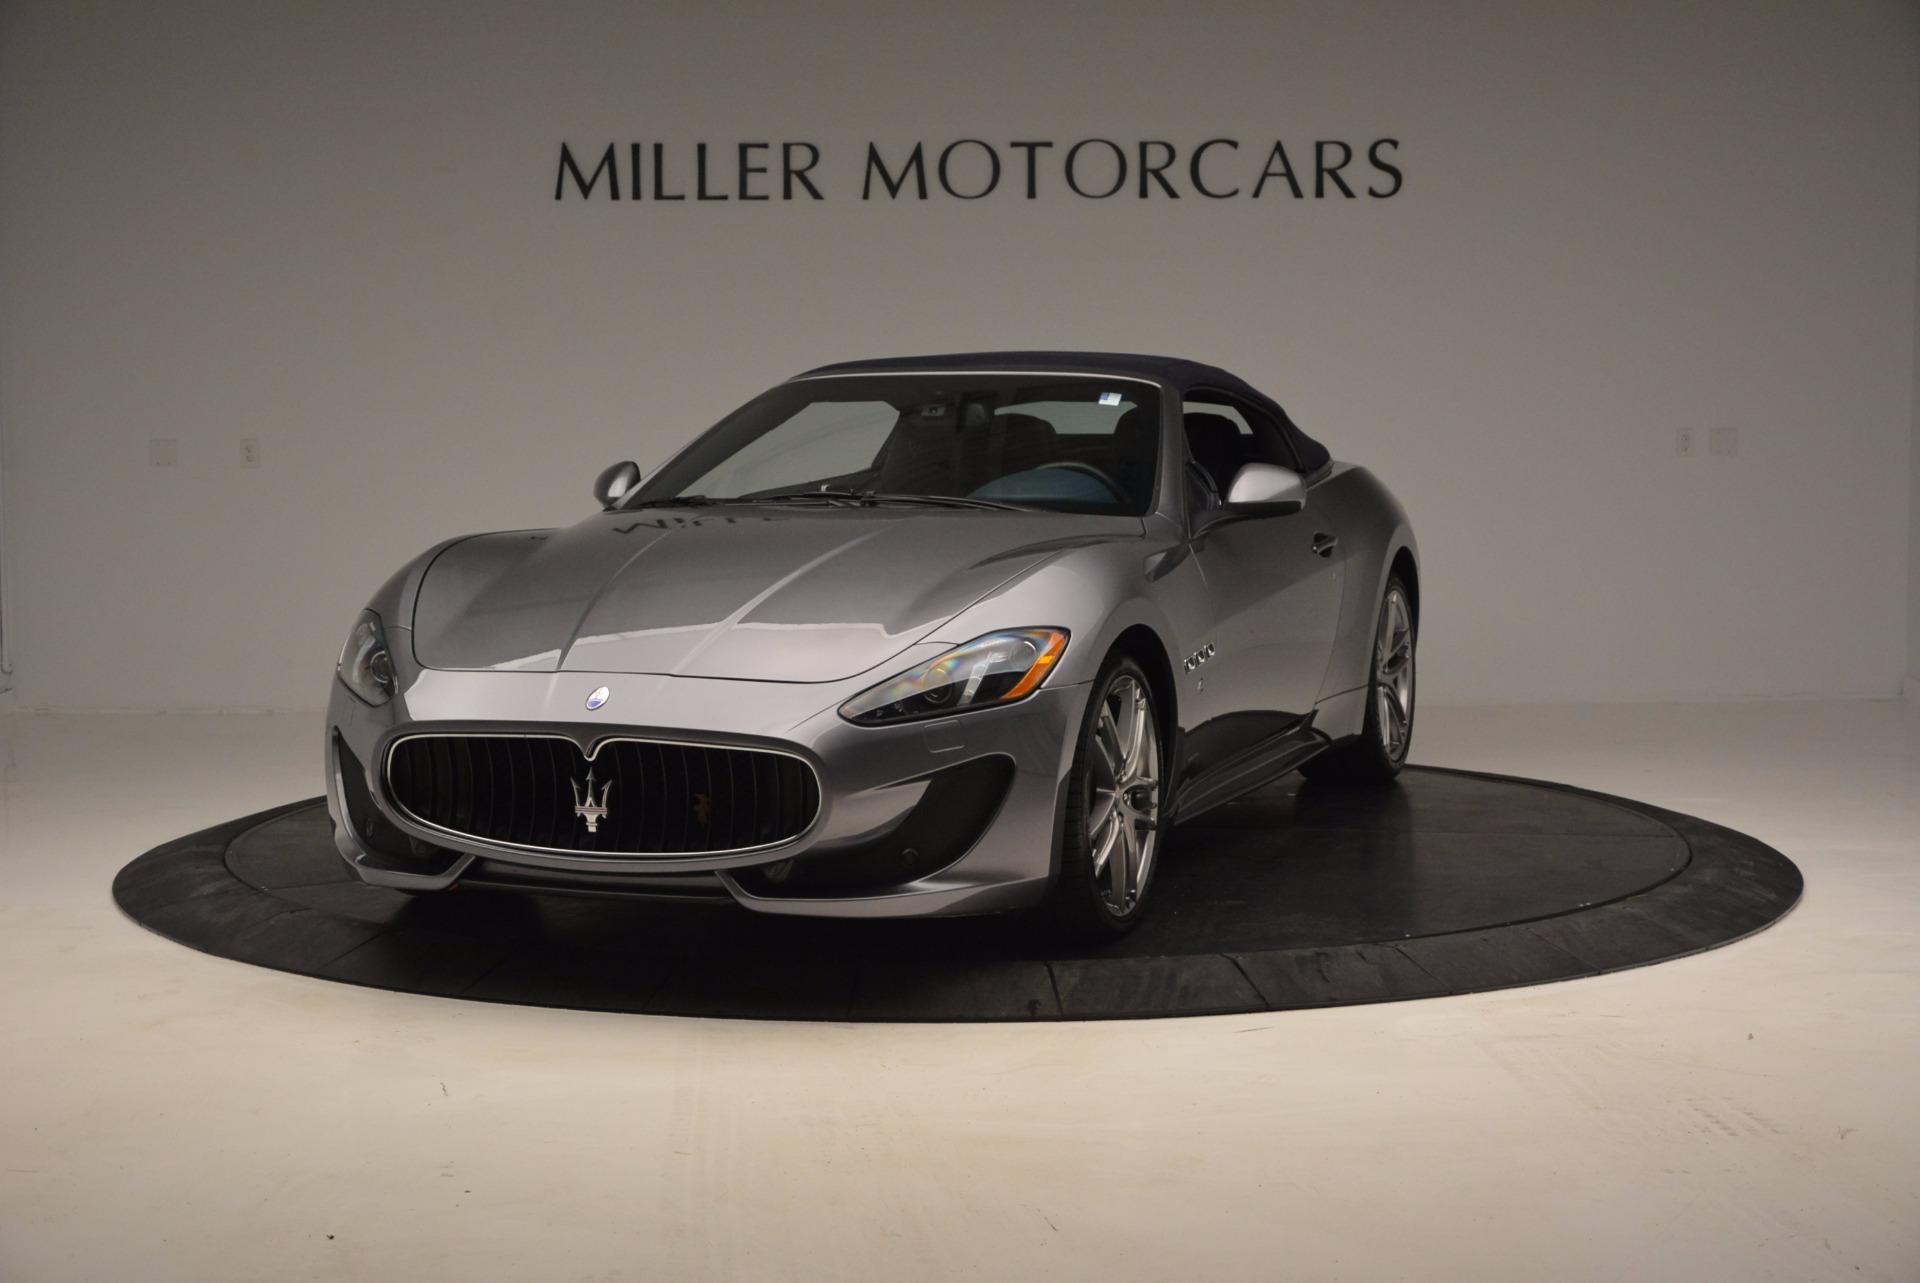 New 2017 Maserati GranTurismo Sport For Sale In Greenwich, CT 598_p11